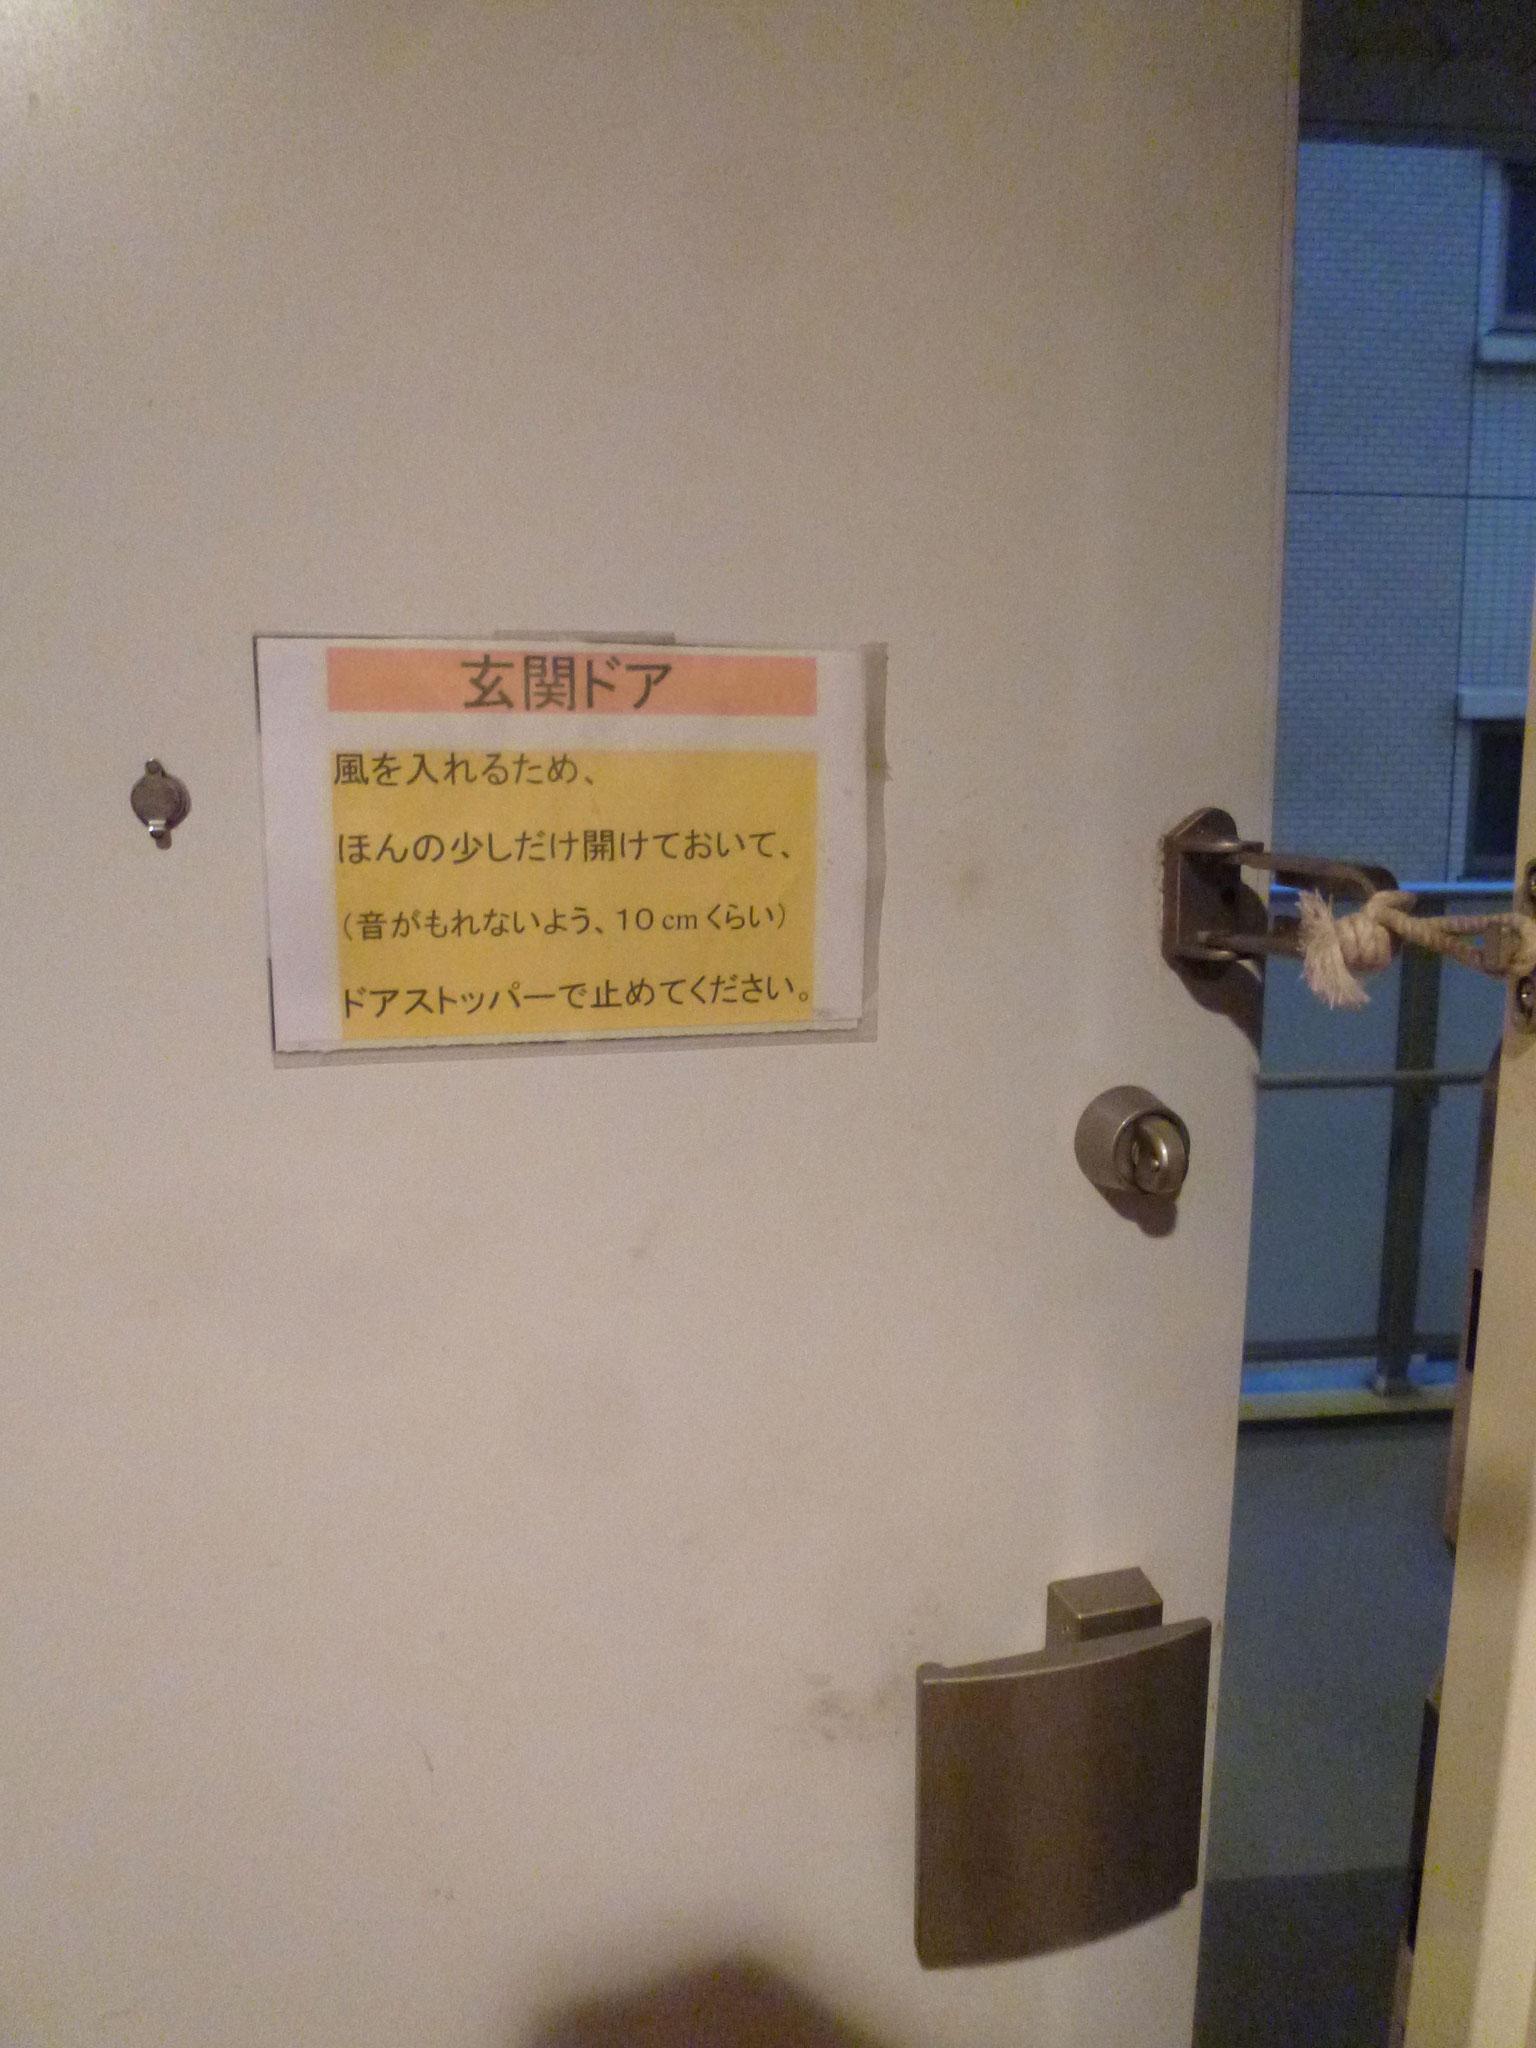 玄関ドア/換気の為,ドアストッパーで常時開く